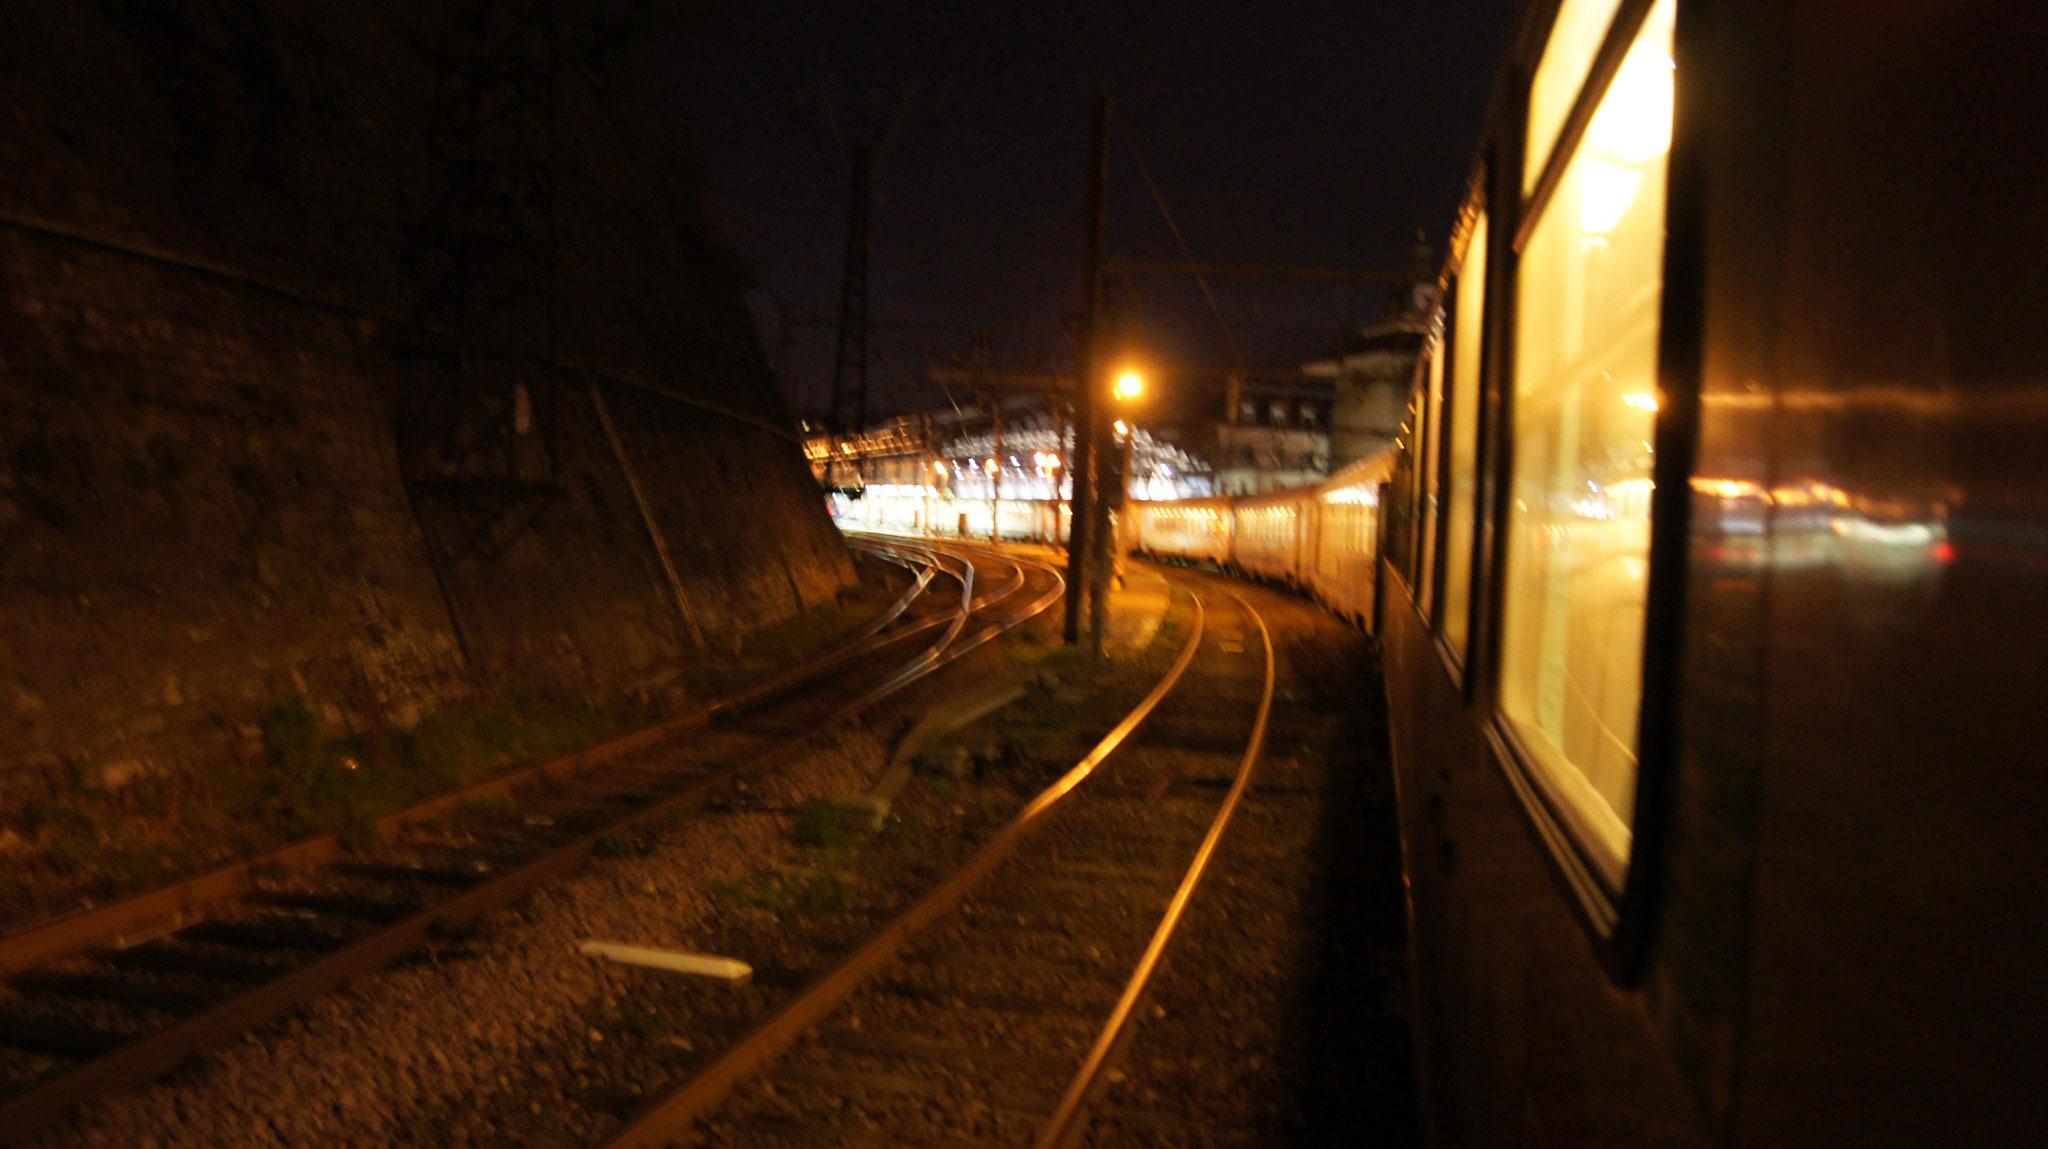 entrée en gare de BAYONNE ( SONY ALPHA 550)